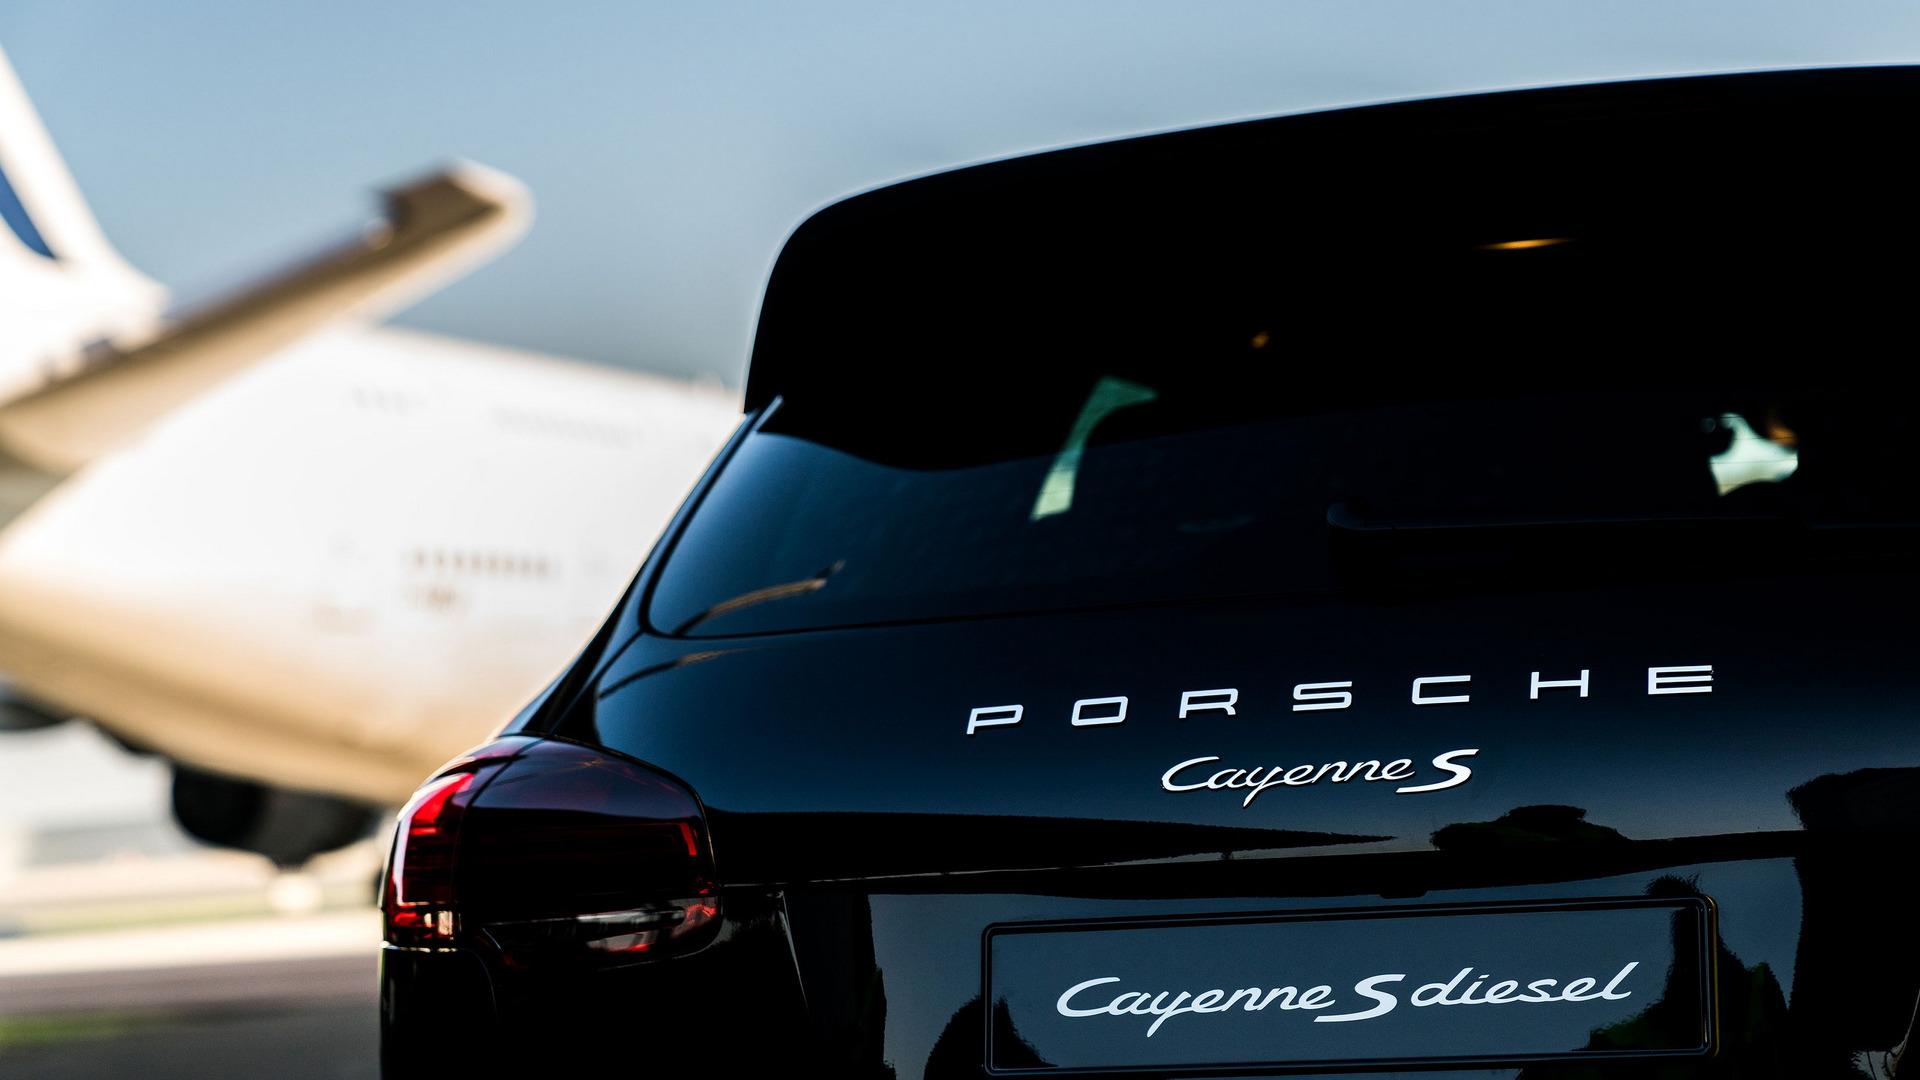 Porsche Cayenne Airbus A380 (10)